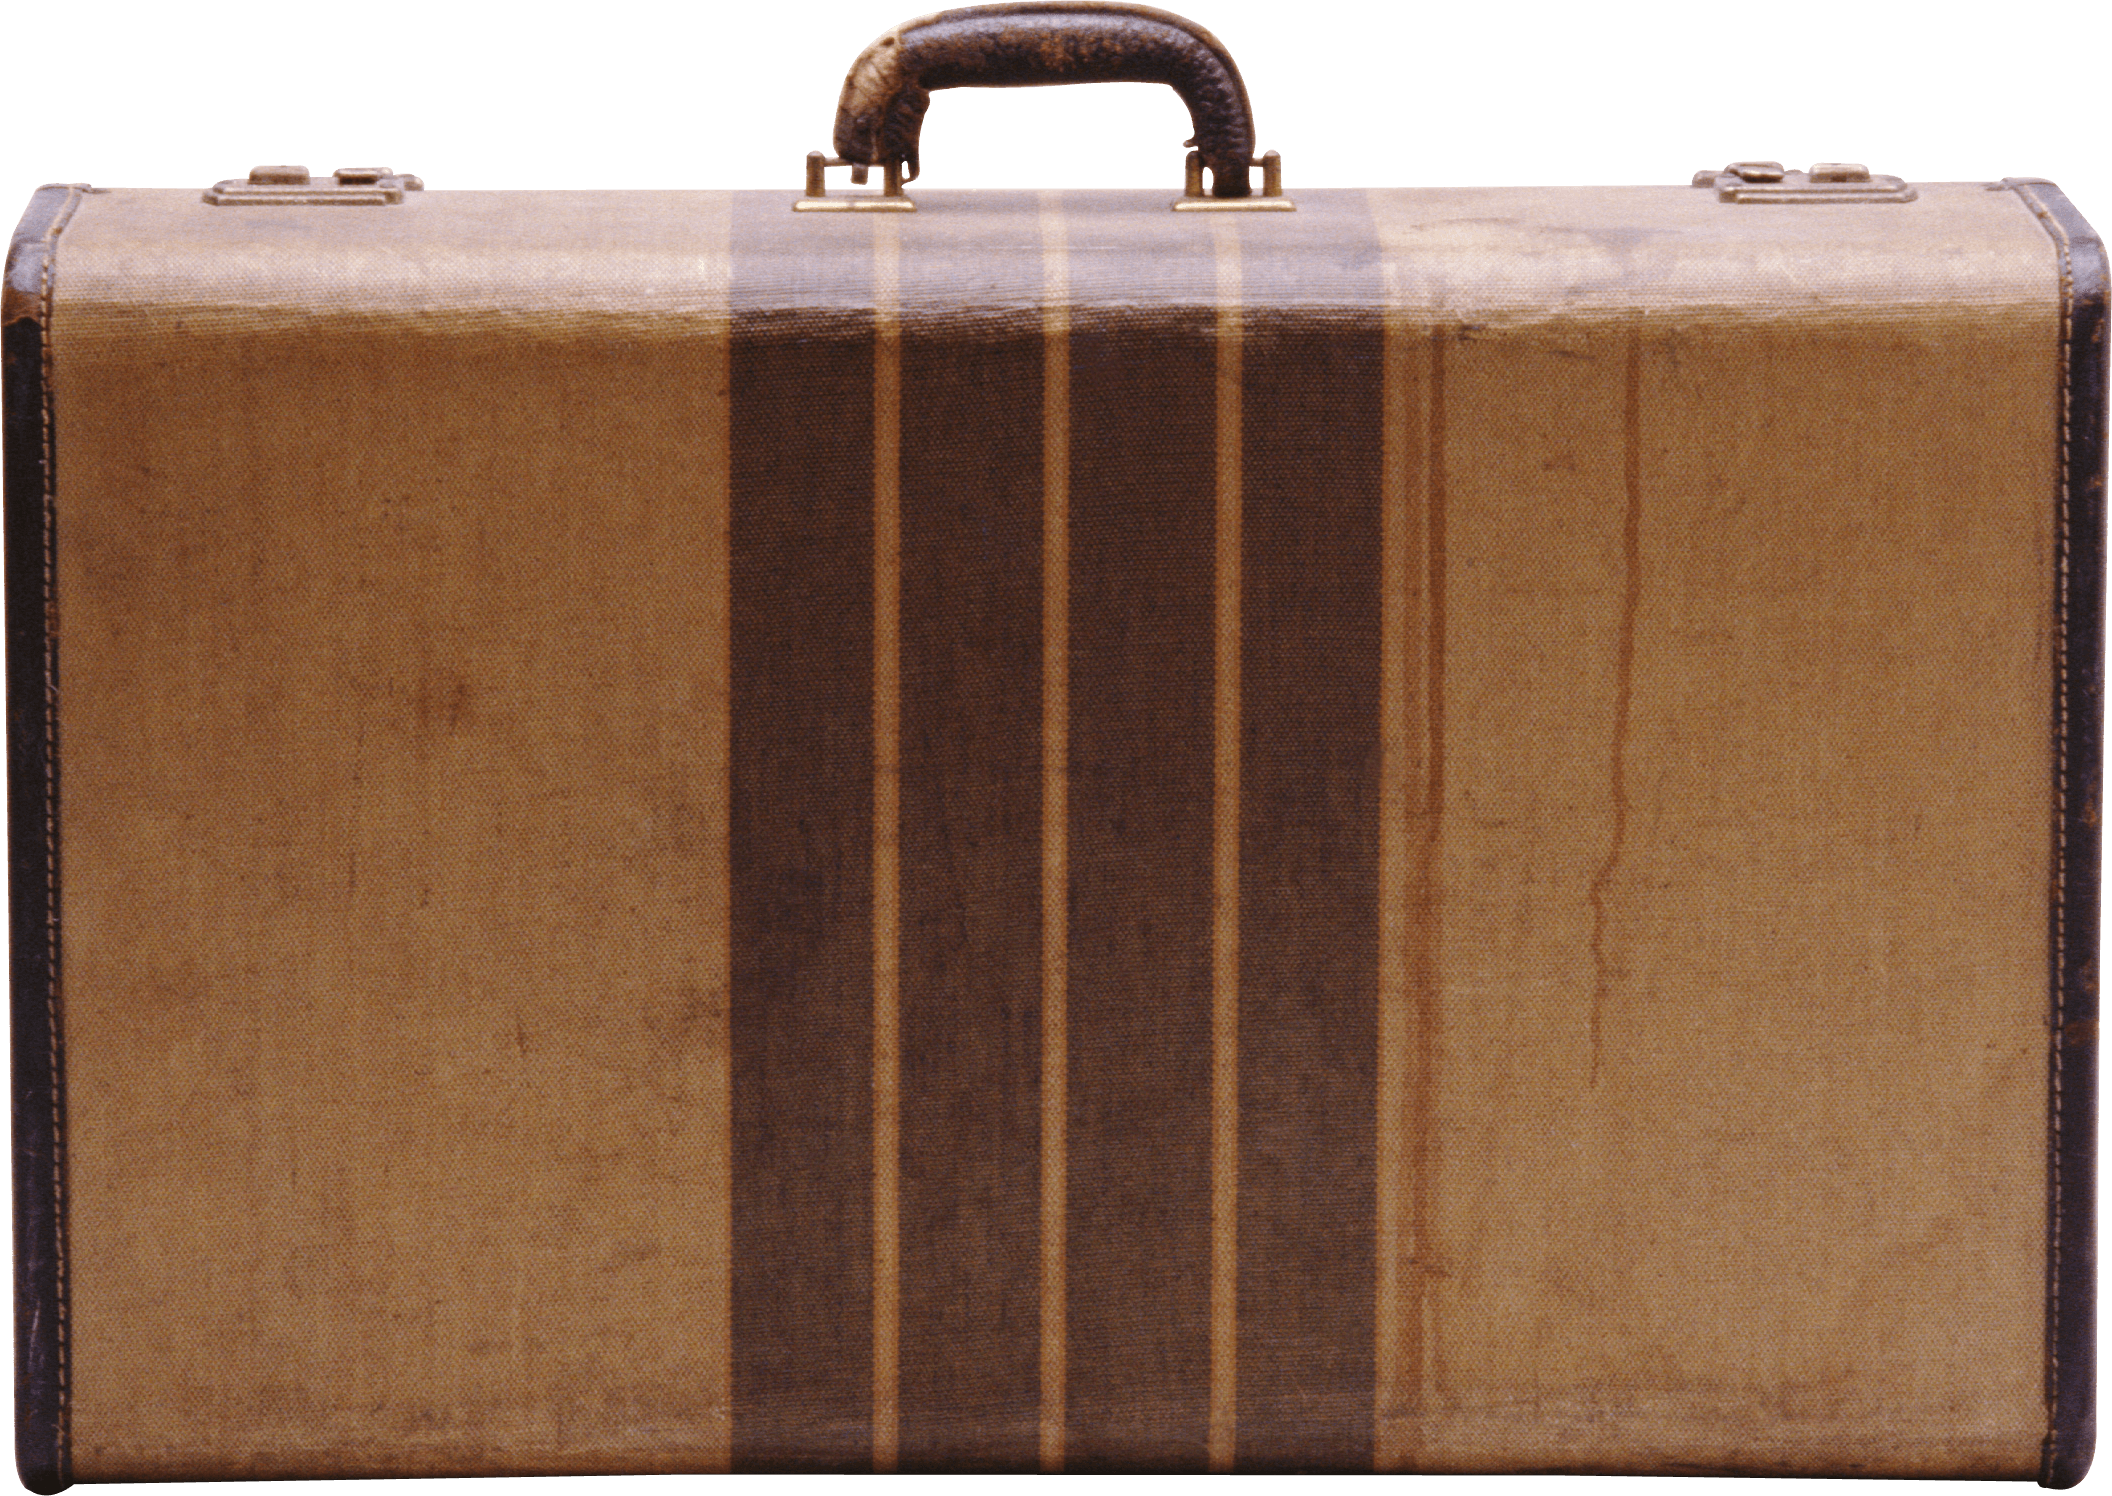 Vintage Luggage PNG - 44165